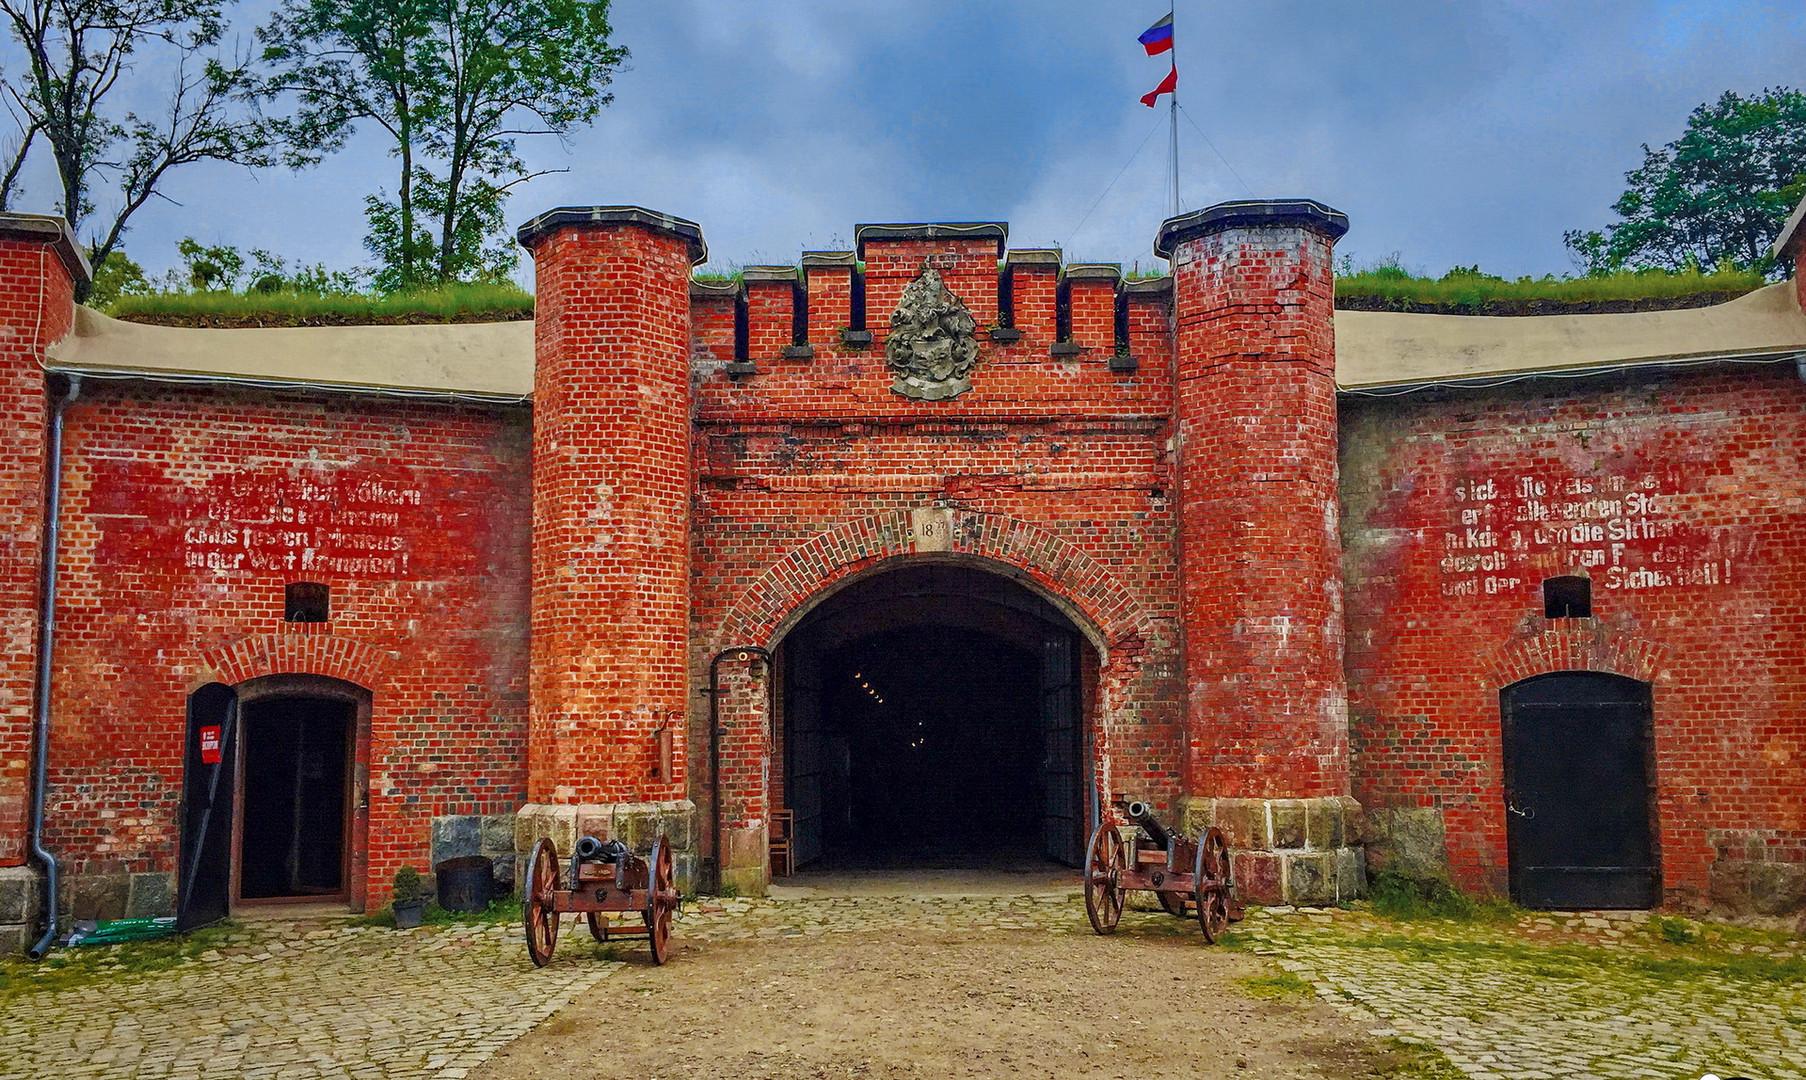 Форт №11 Дёнхофф, Калининград